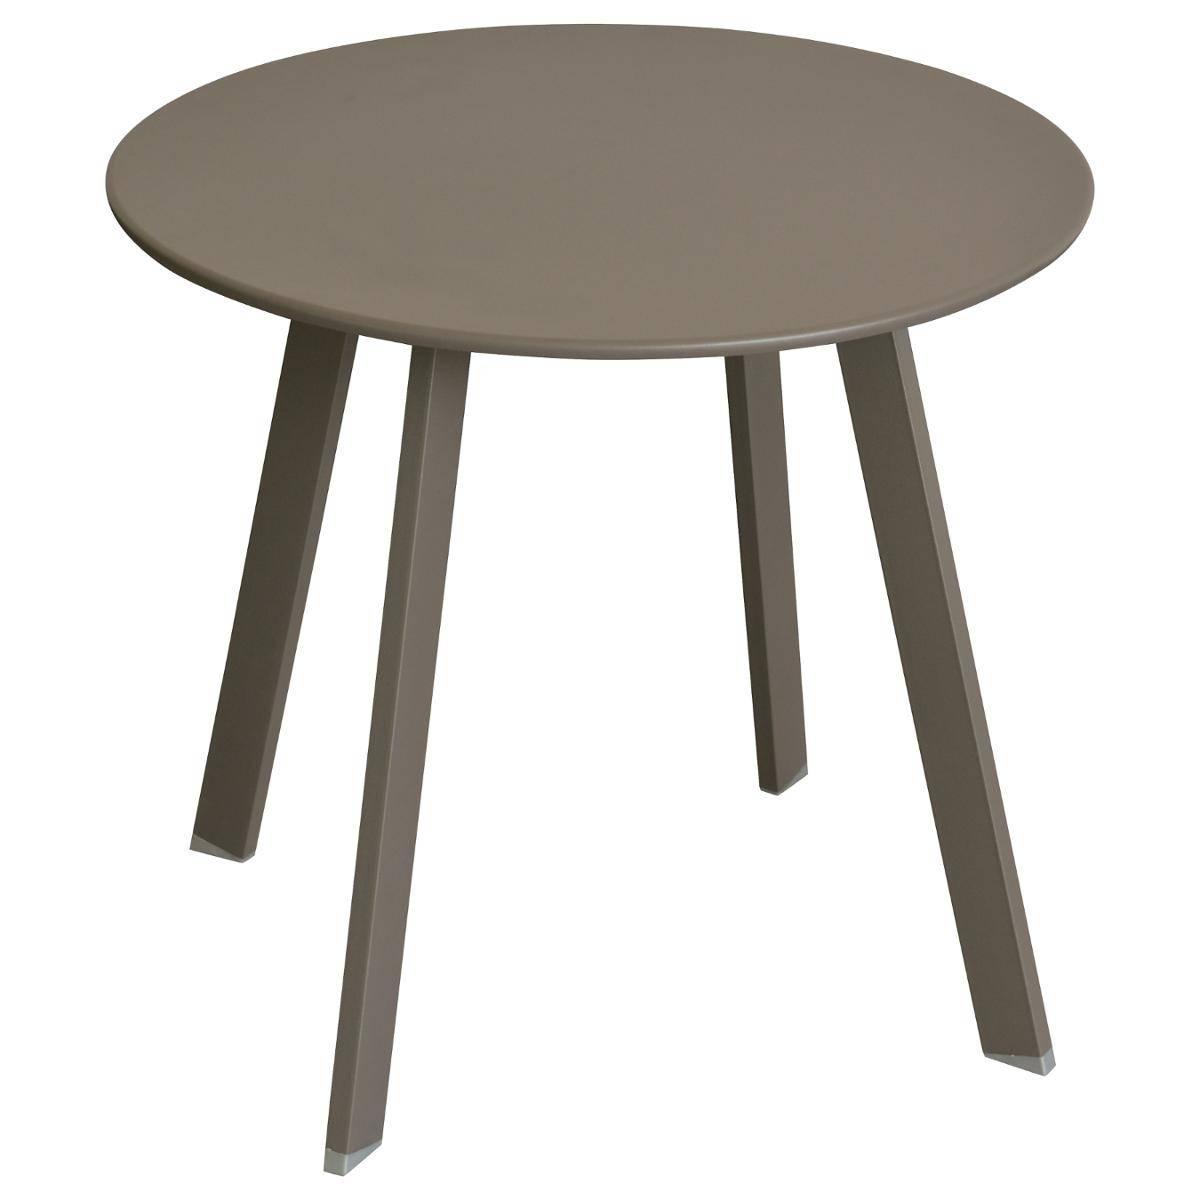 שולחן נמוך דגם SANOA קוטר 50 סמ